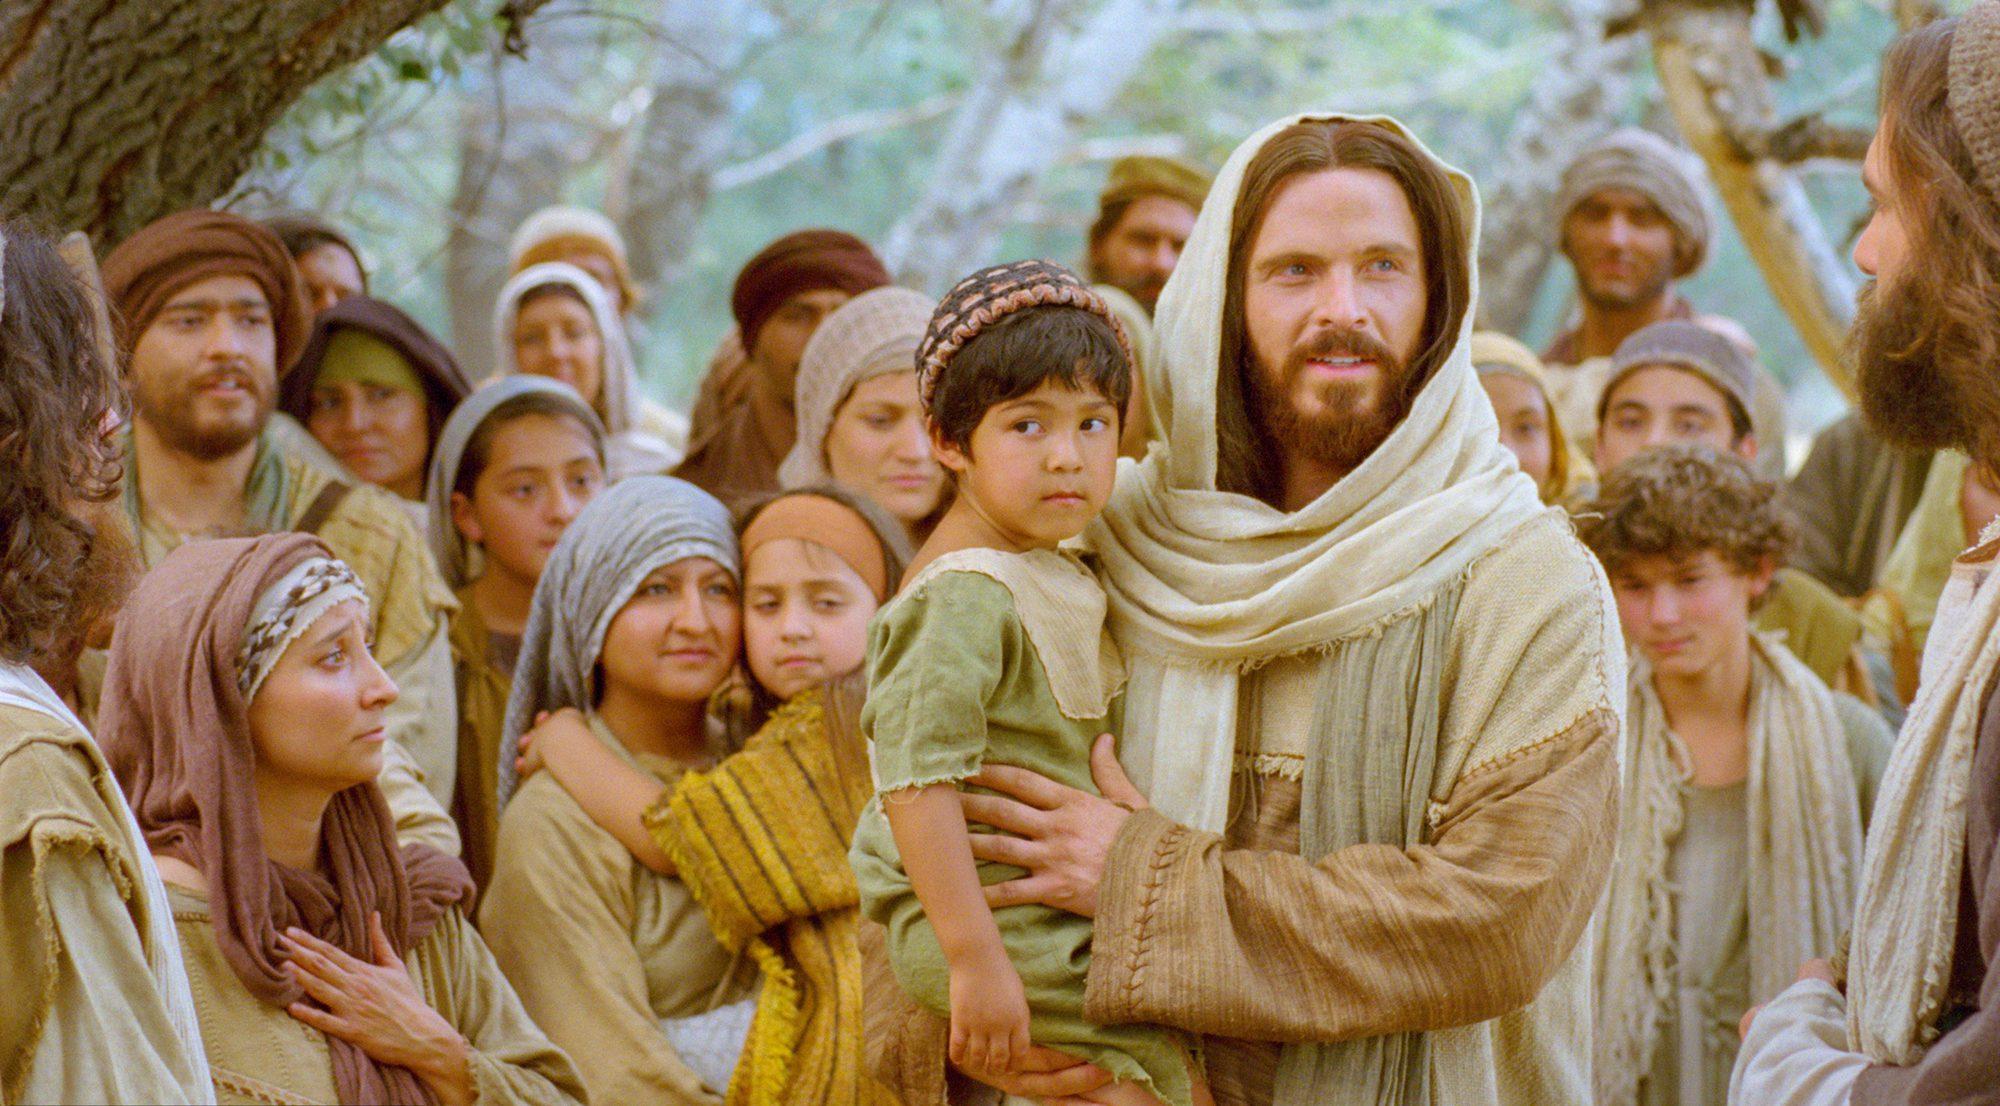 jesus-christ-children